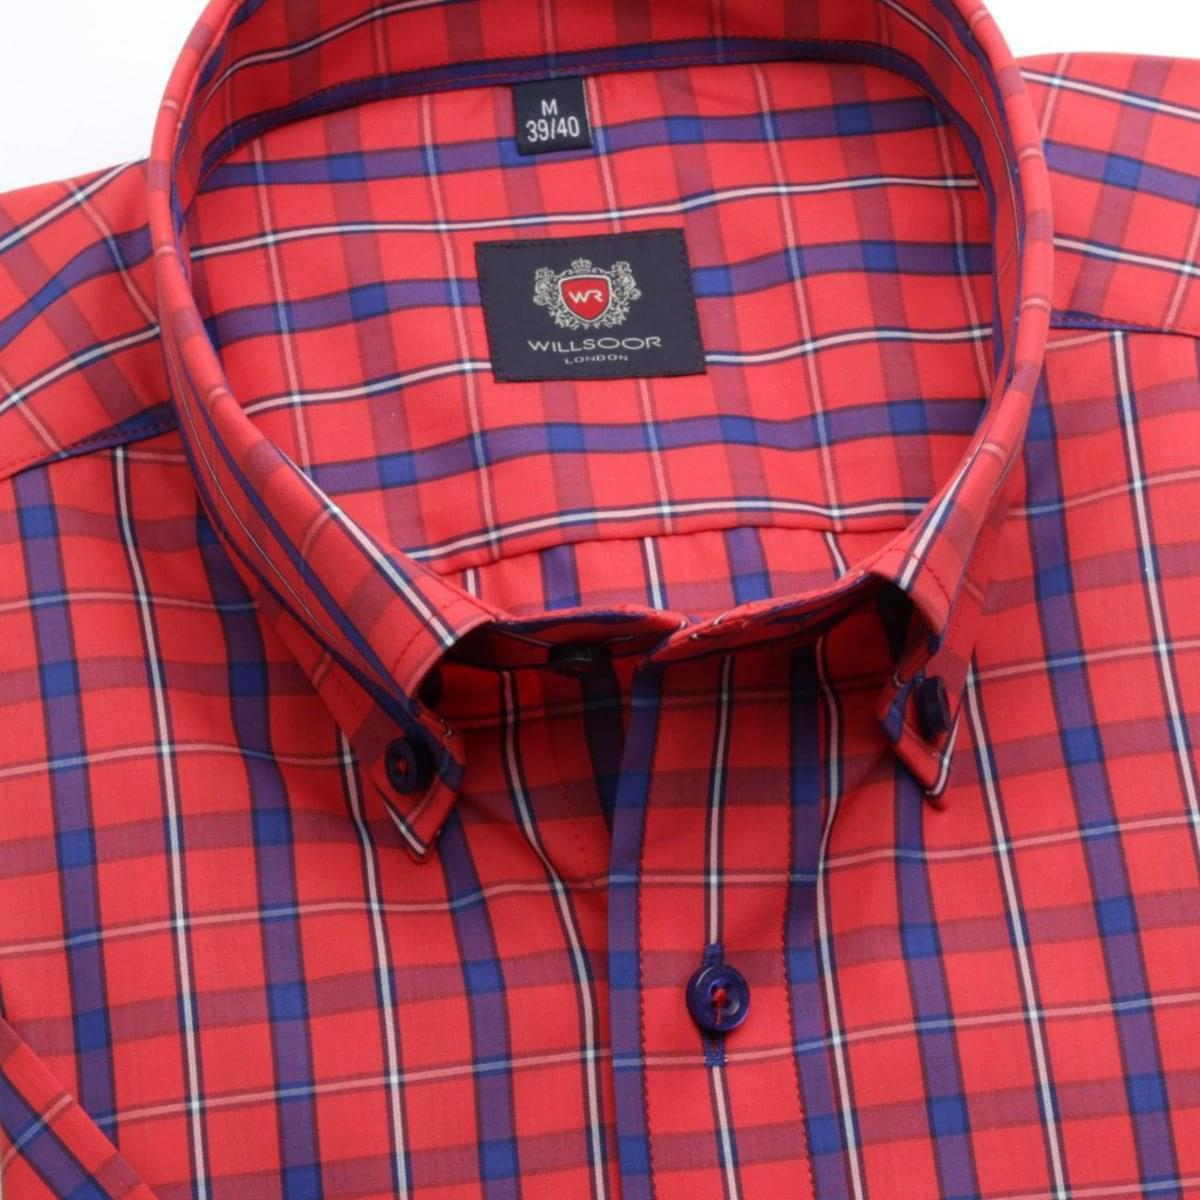 Pánská klasická košile London (výška 176-182) 6561 v červené barvě s formulí Easy Care 176-182 / XL (43/44)